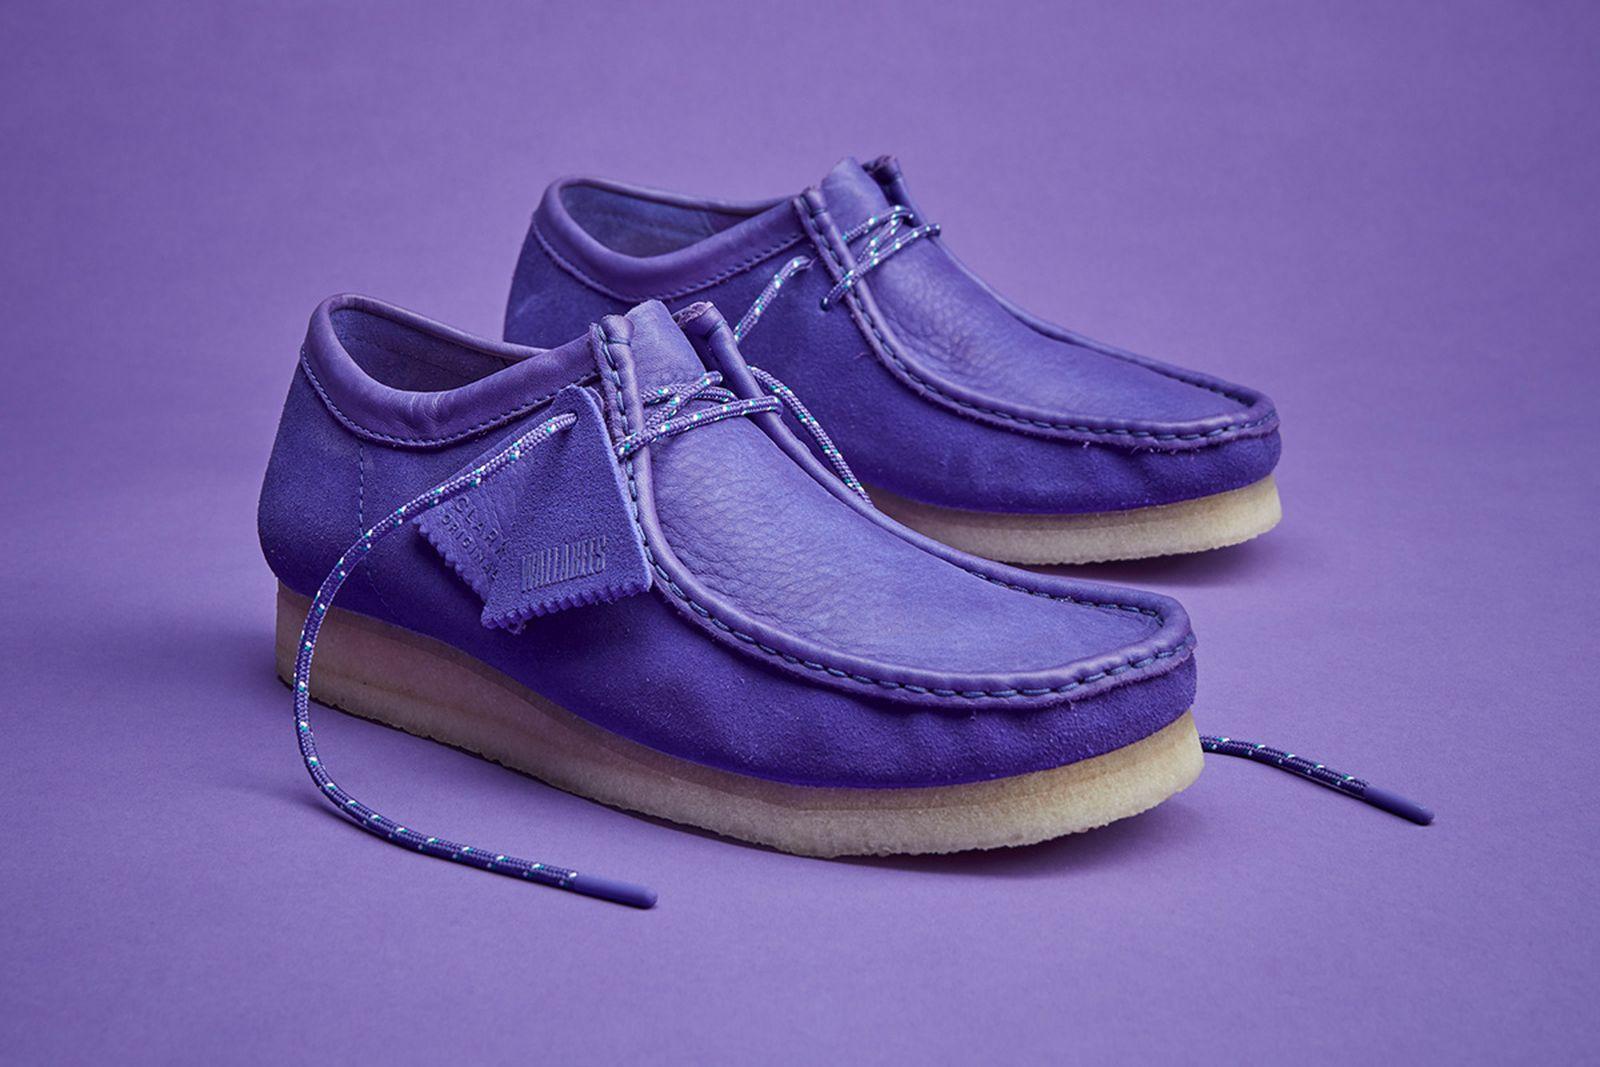 clarks-wallabee-low-purple